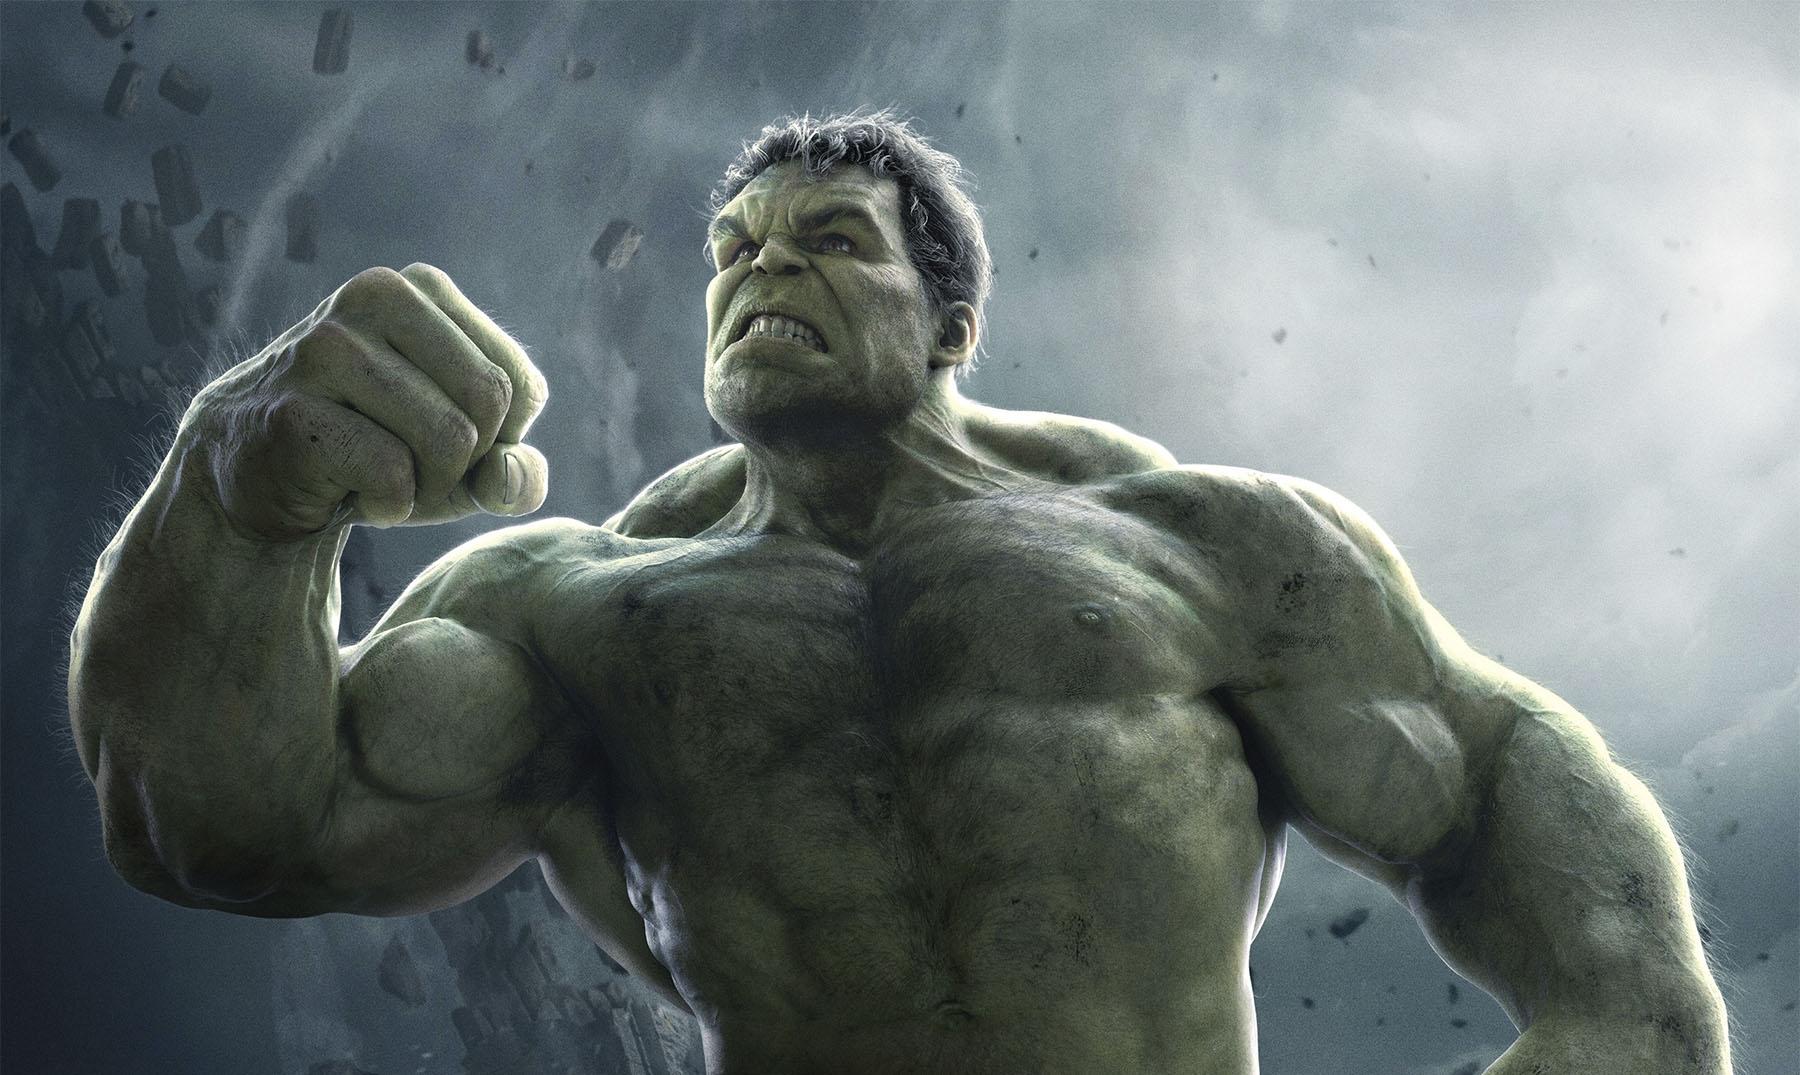 30 Frases De Hulk El Gigante Esmeralda Con Imágenes